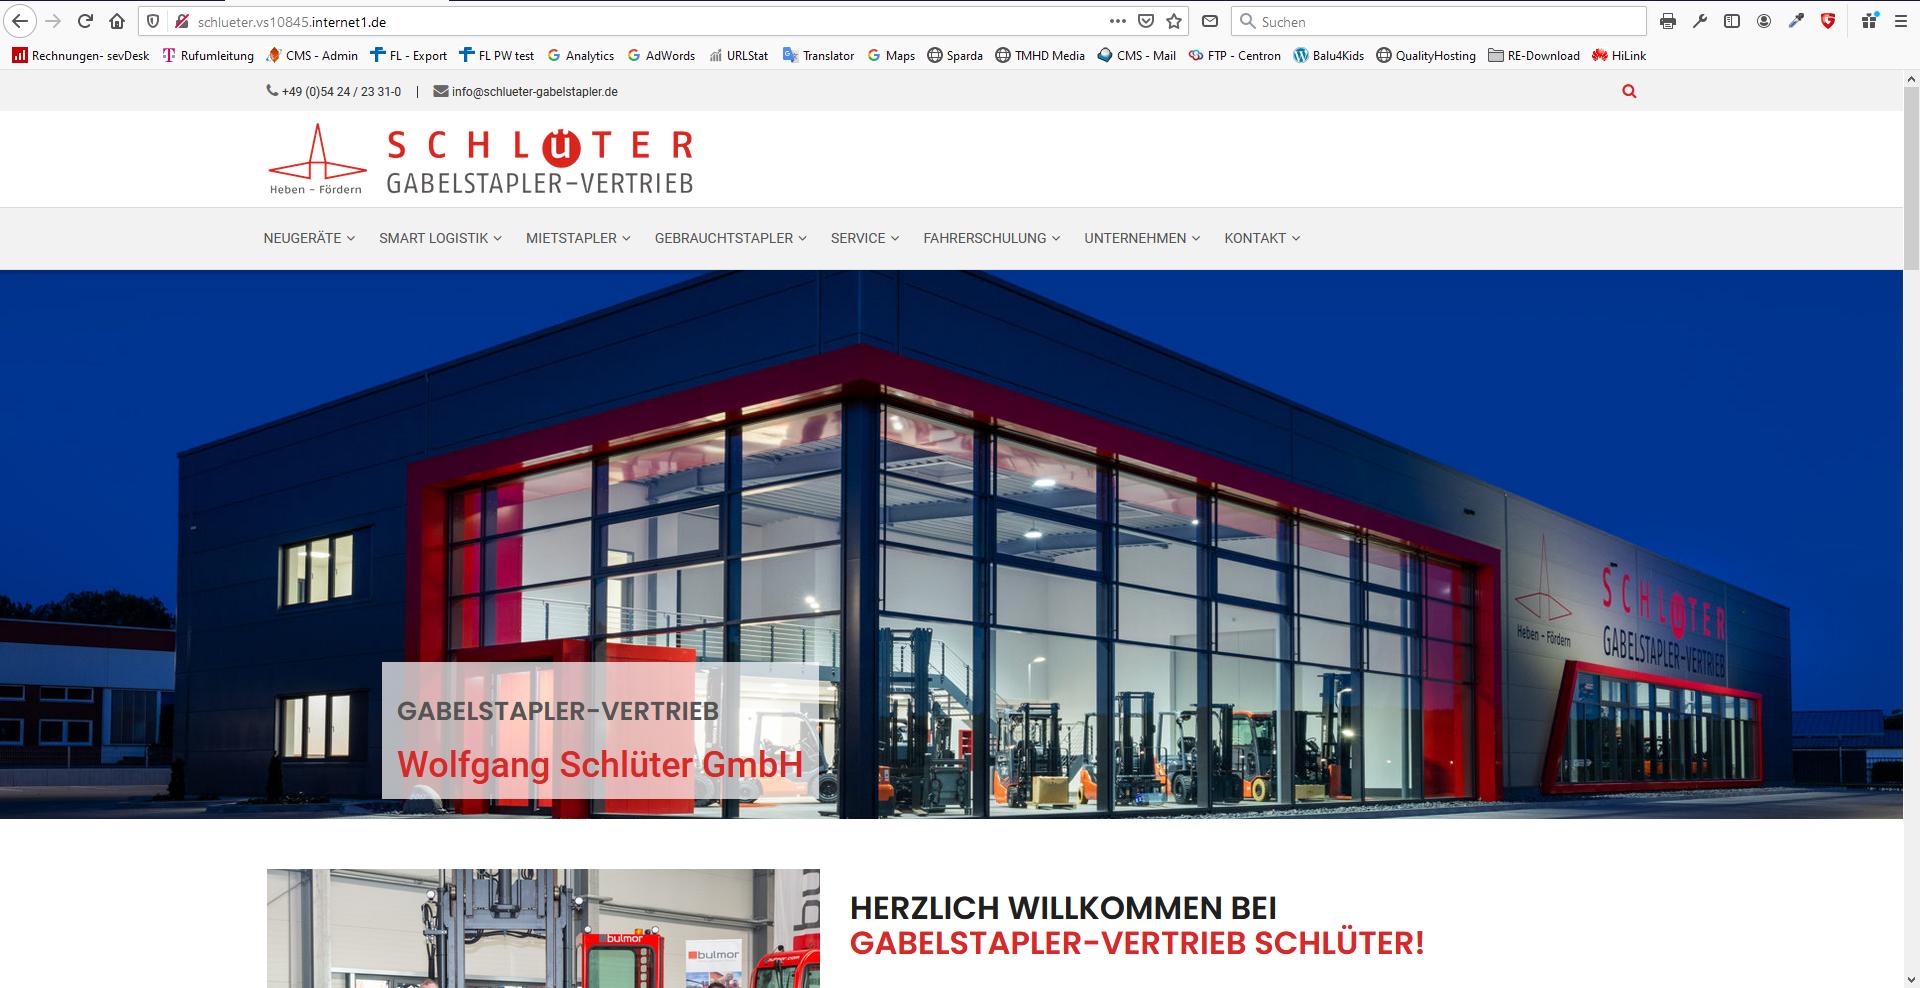 Gabelstapler-Vertrieb Wolfgang Schlüter GmbH